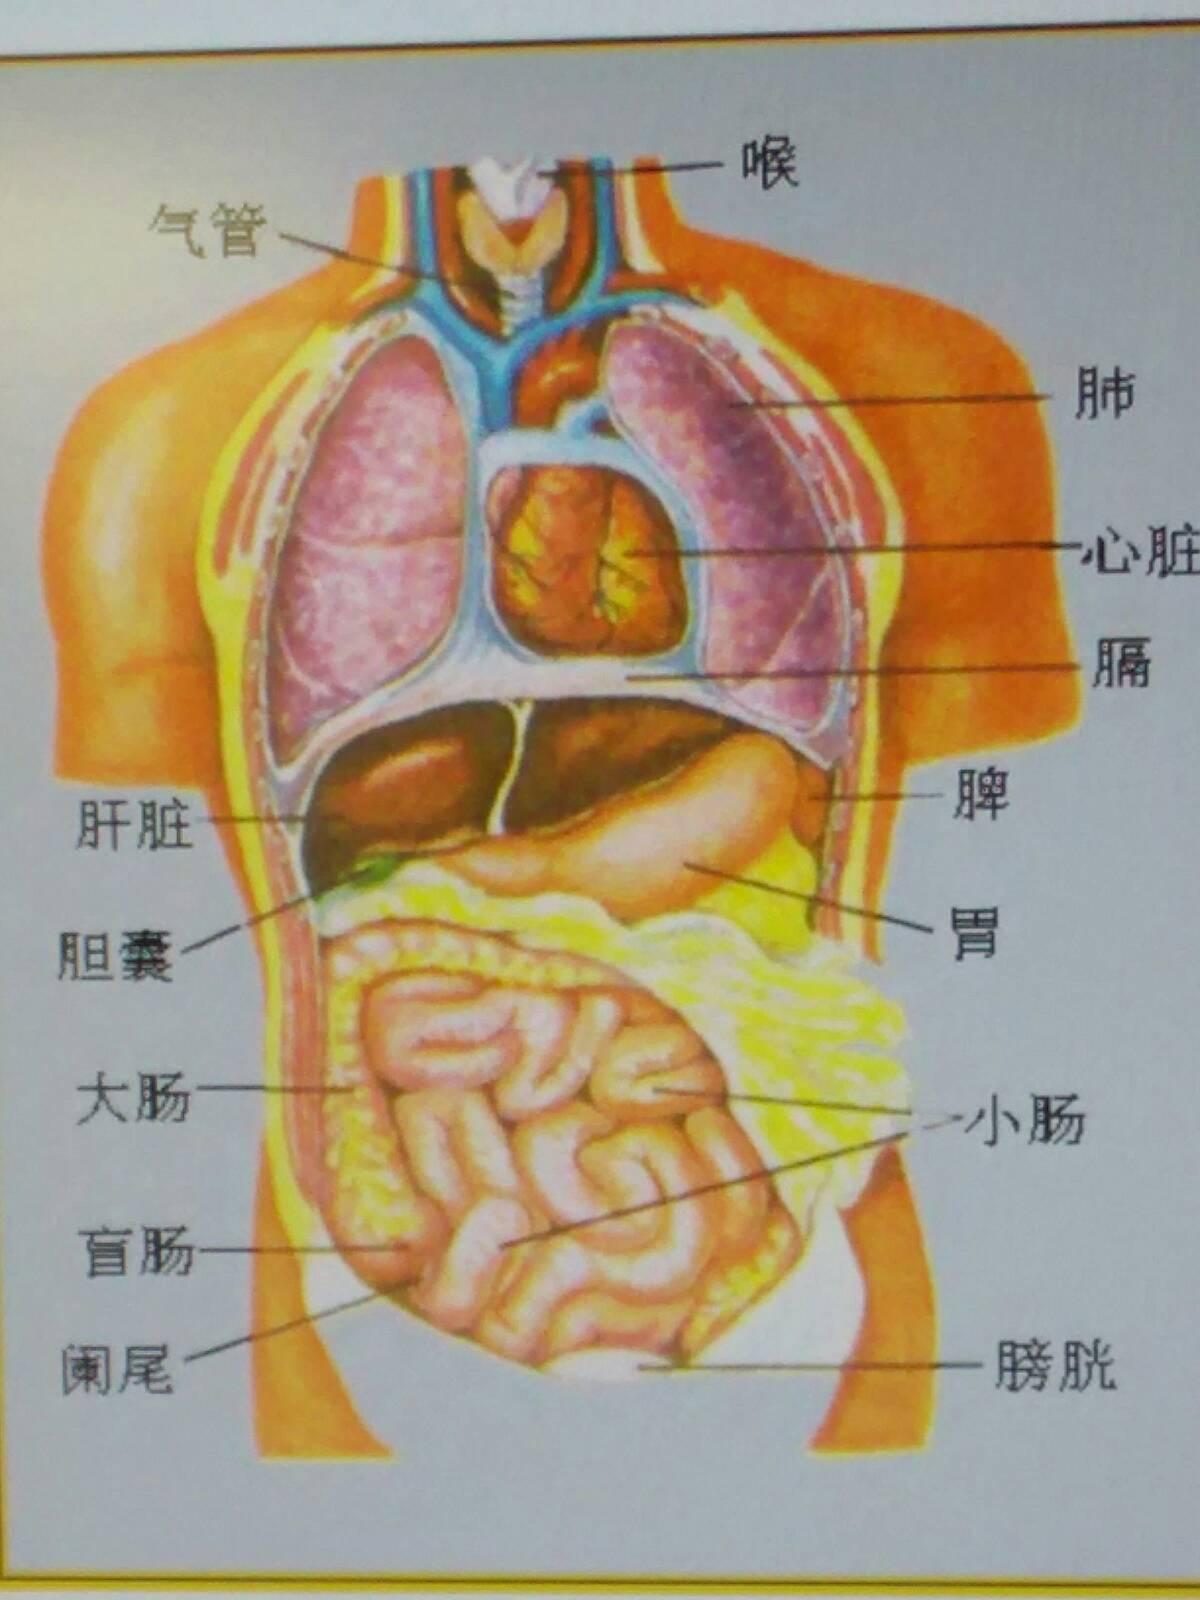 心脏疼痛是怎么回事,右边胸口疼是什么原因,心脏在左边还是右边图图片